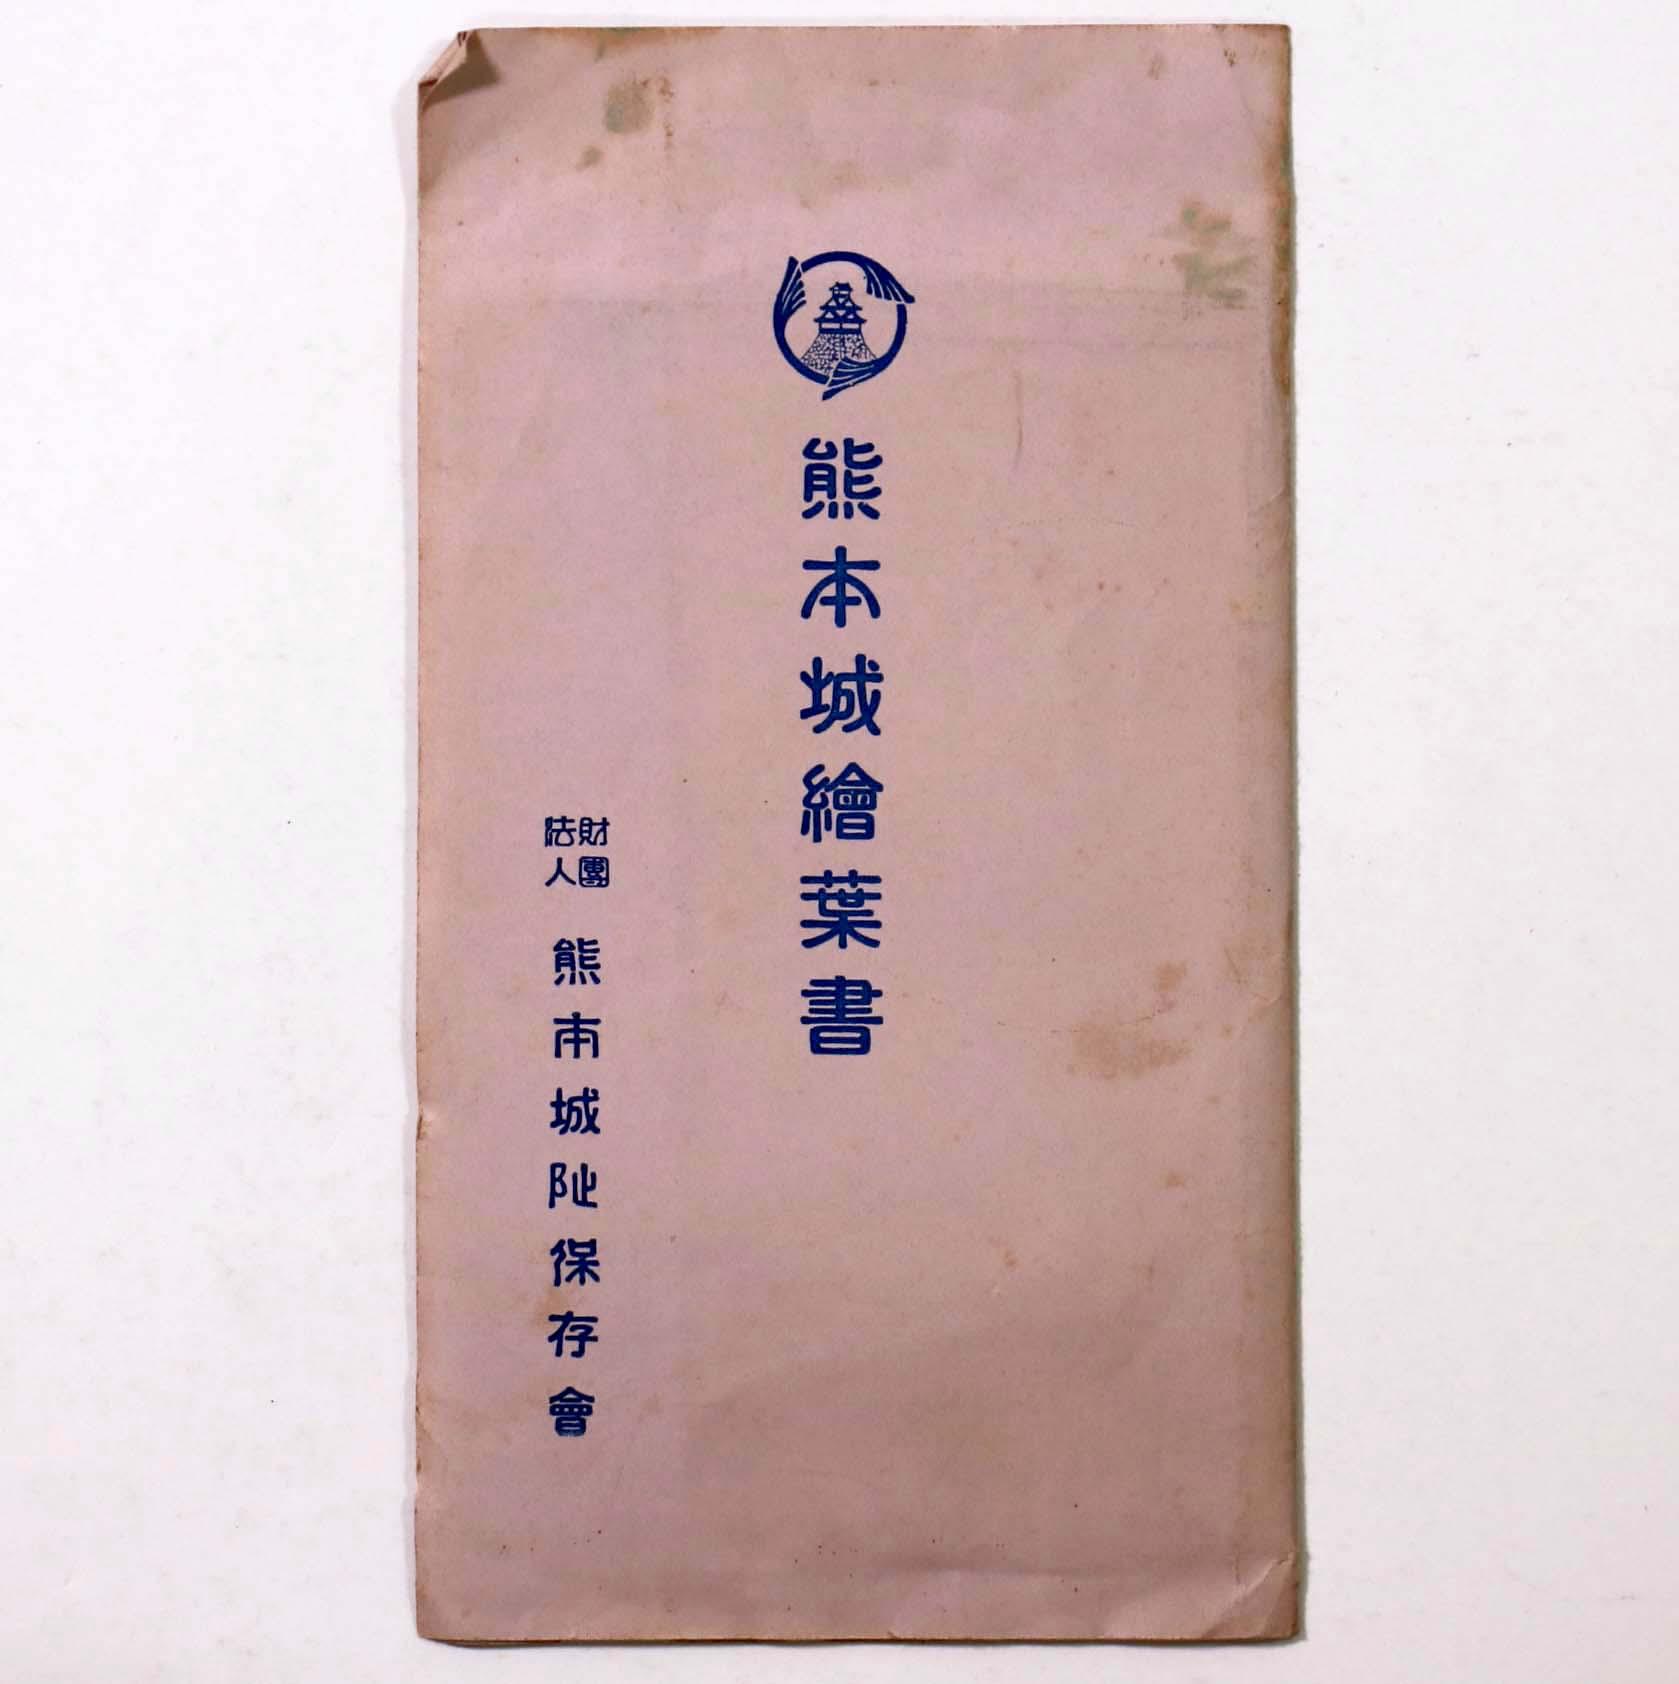 熊本城絵葉書 8枚組